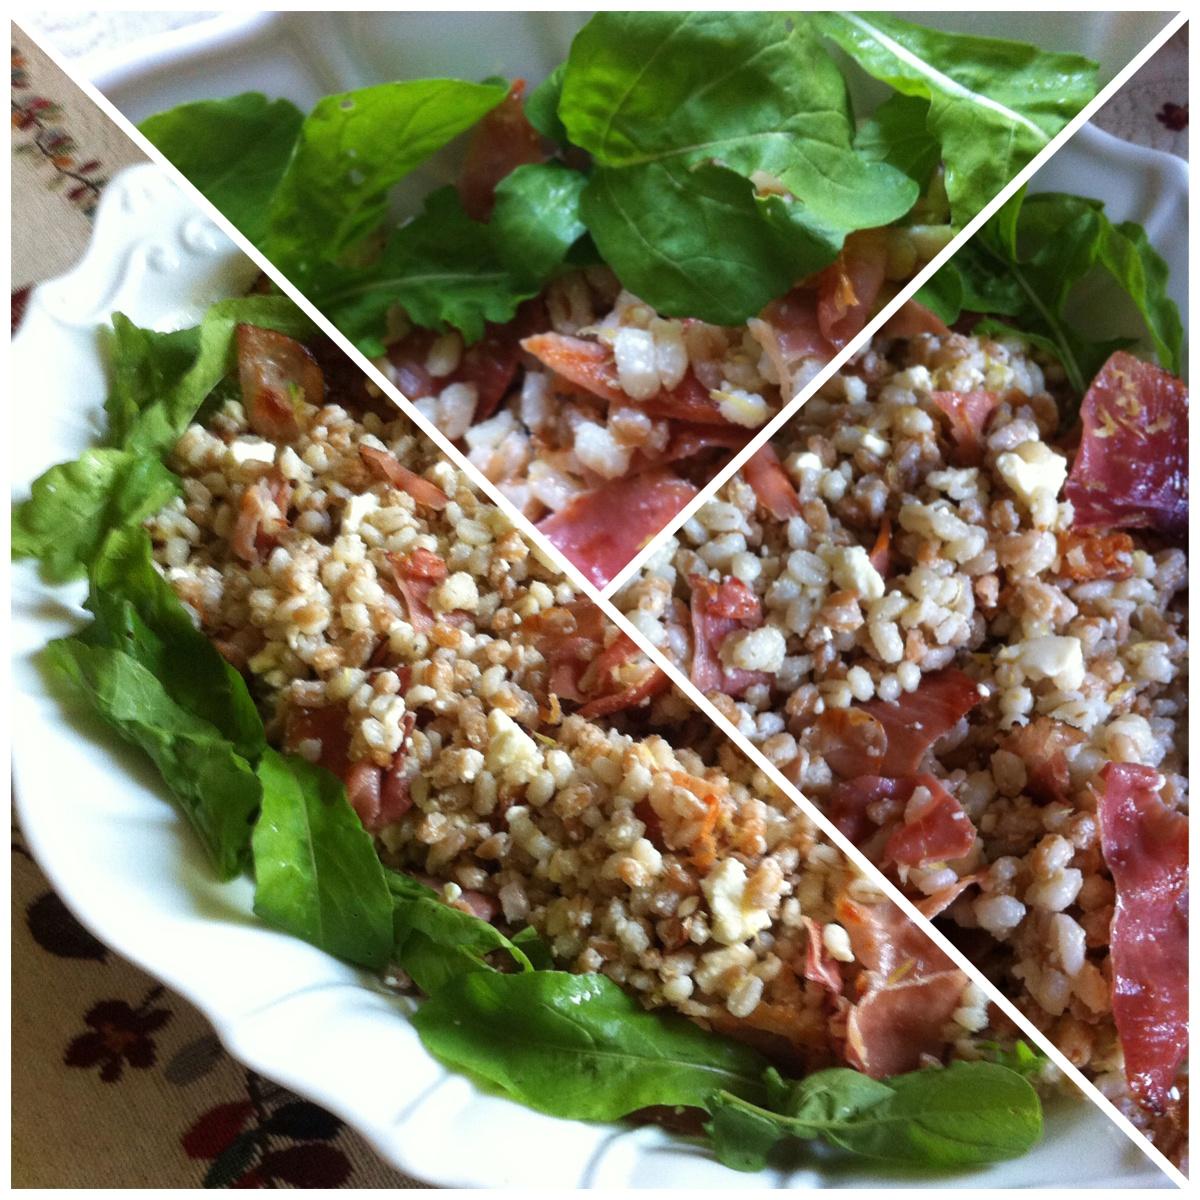 insalata-orzo-farro-speck-feta-limone-2.JPG